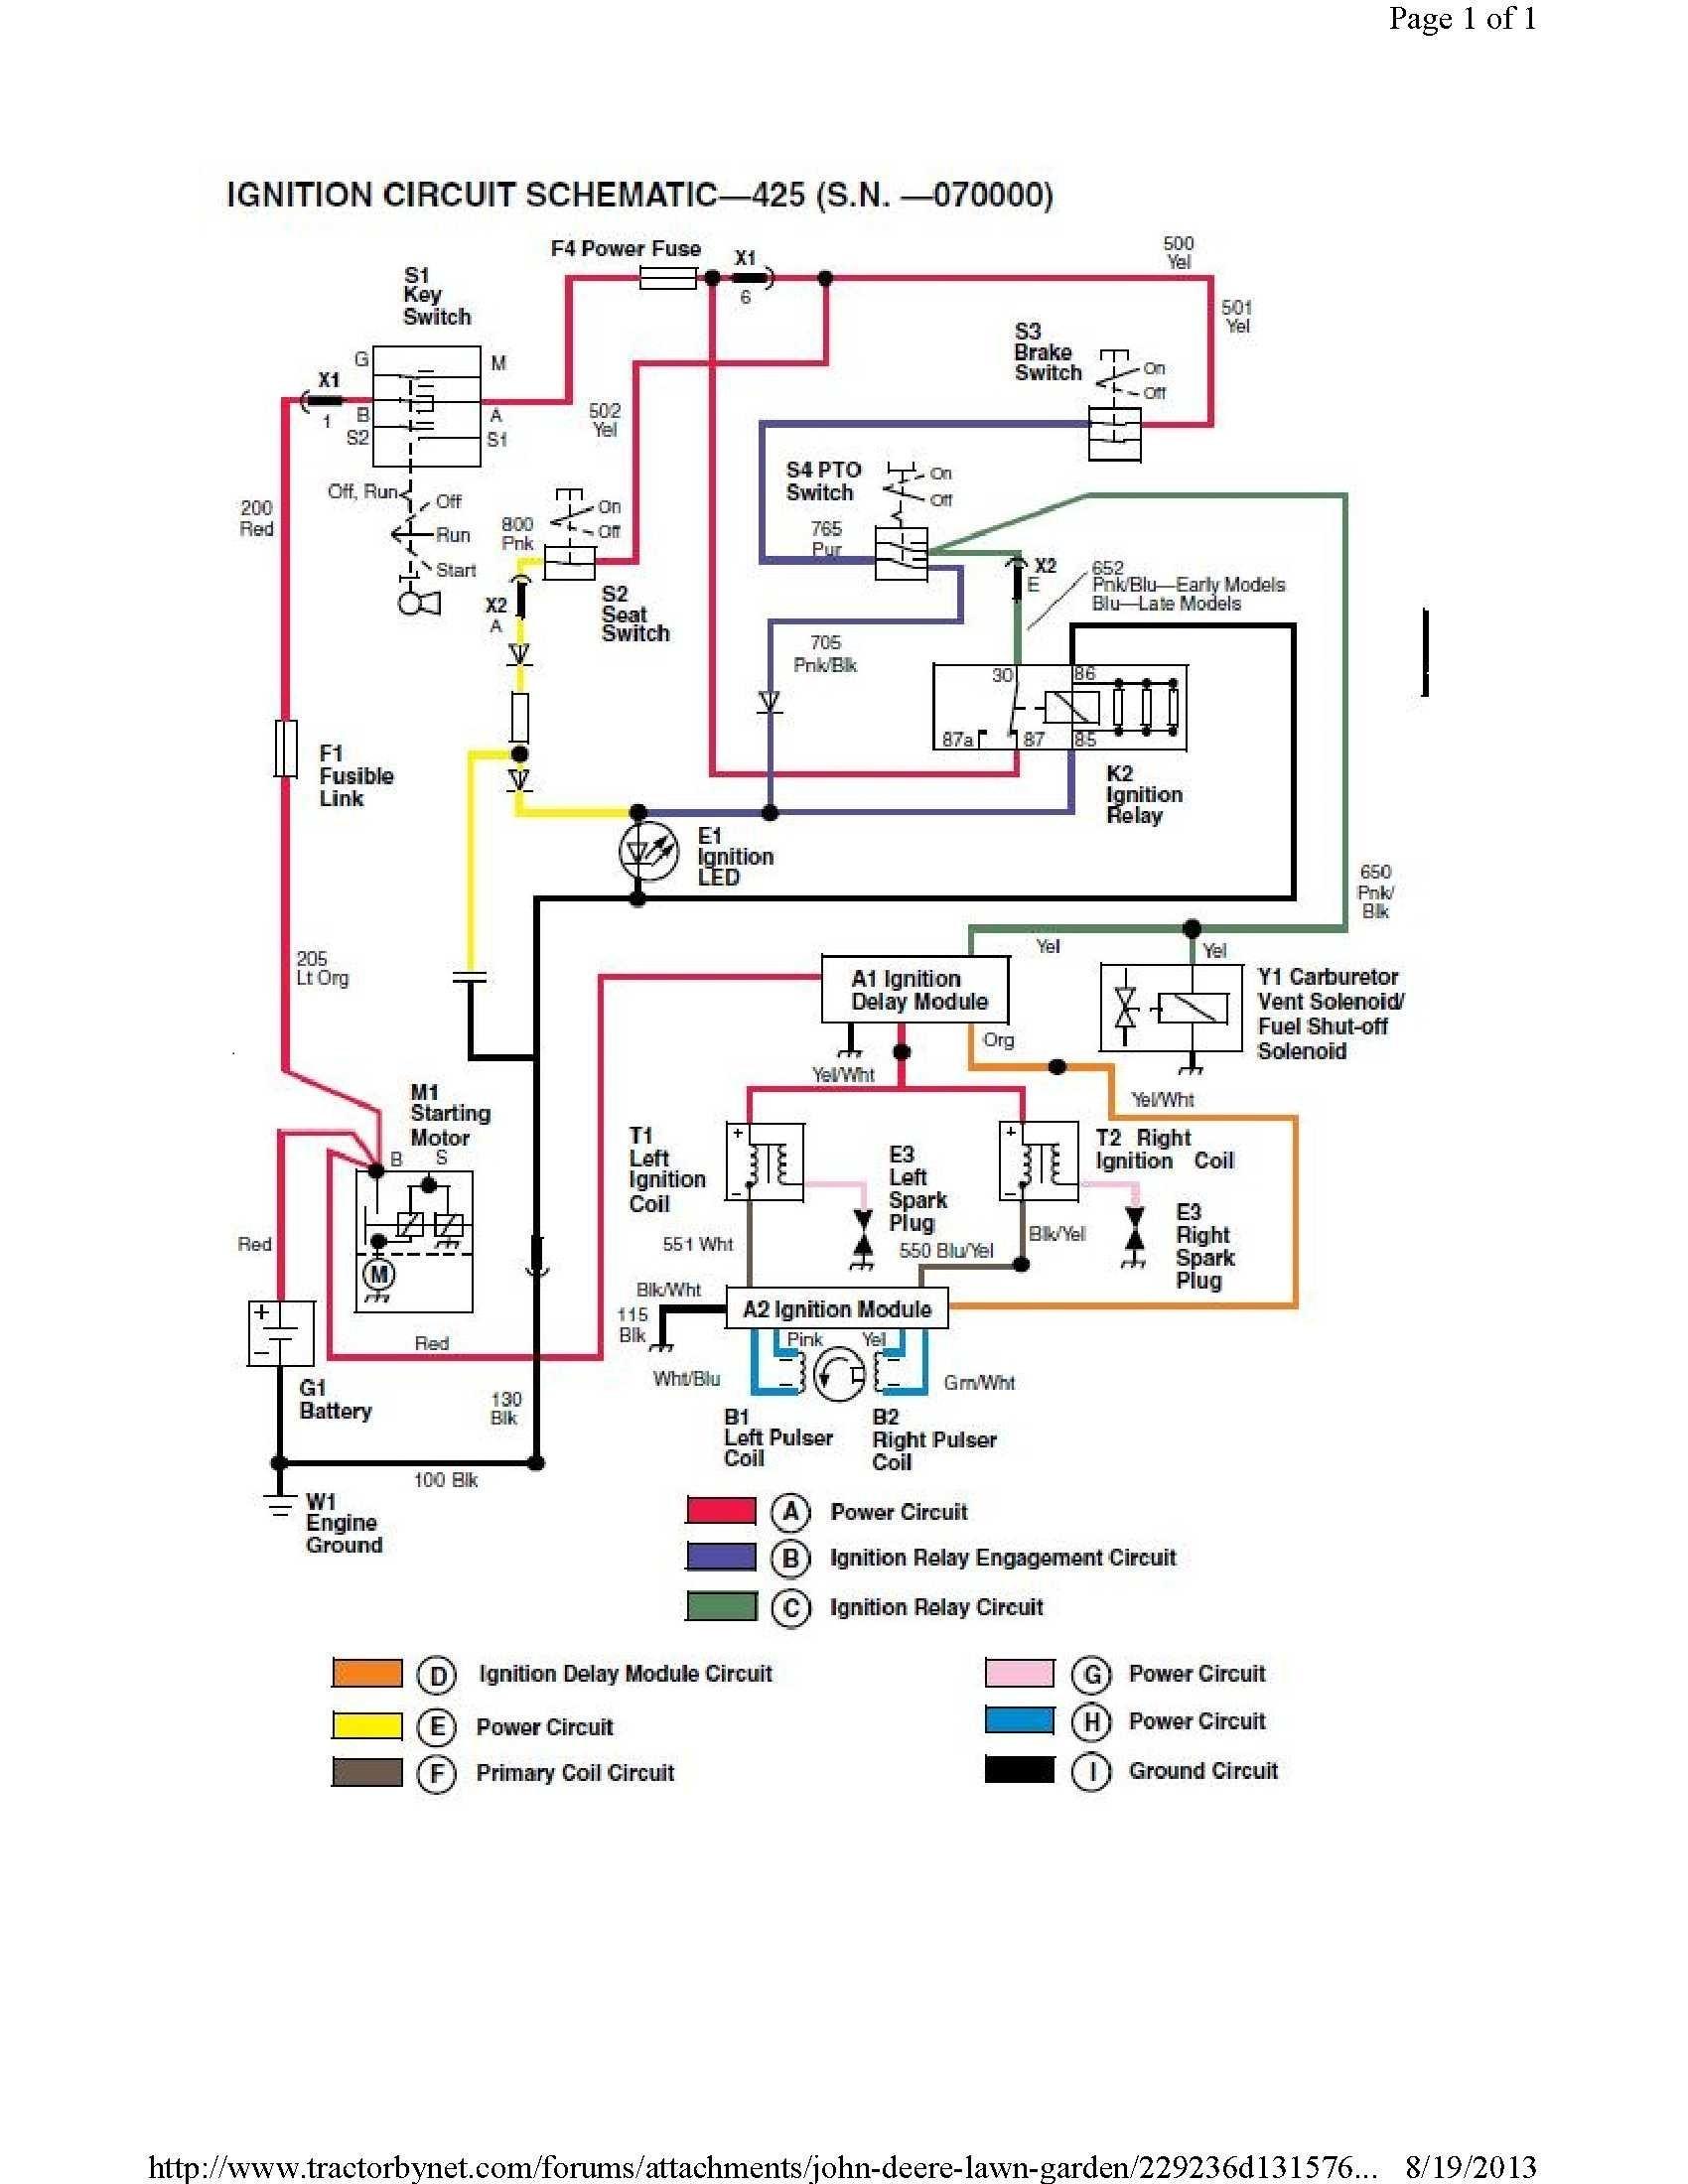 1978 John Deere Gator Electrical Diagram 9309 John Deere 316 Electric Clutch Wiring Diagram Of 1978 John Deere Gator Electrical Diagram